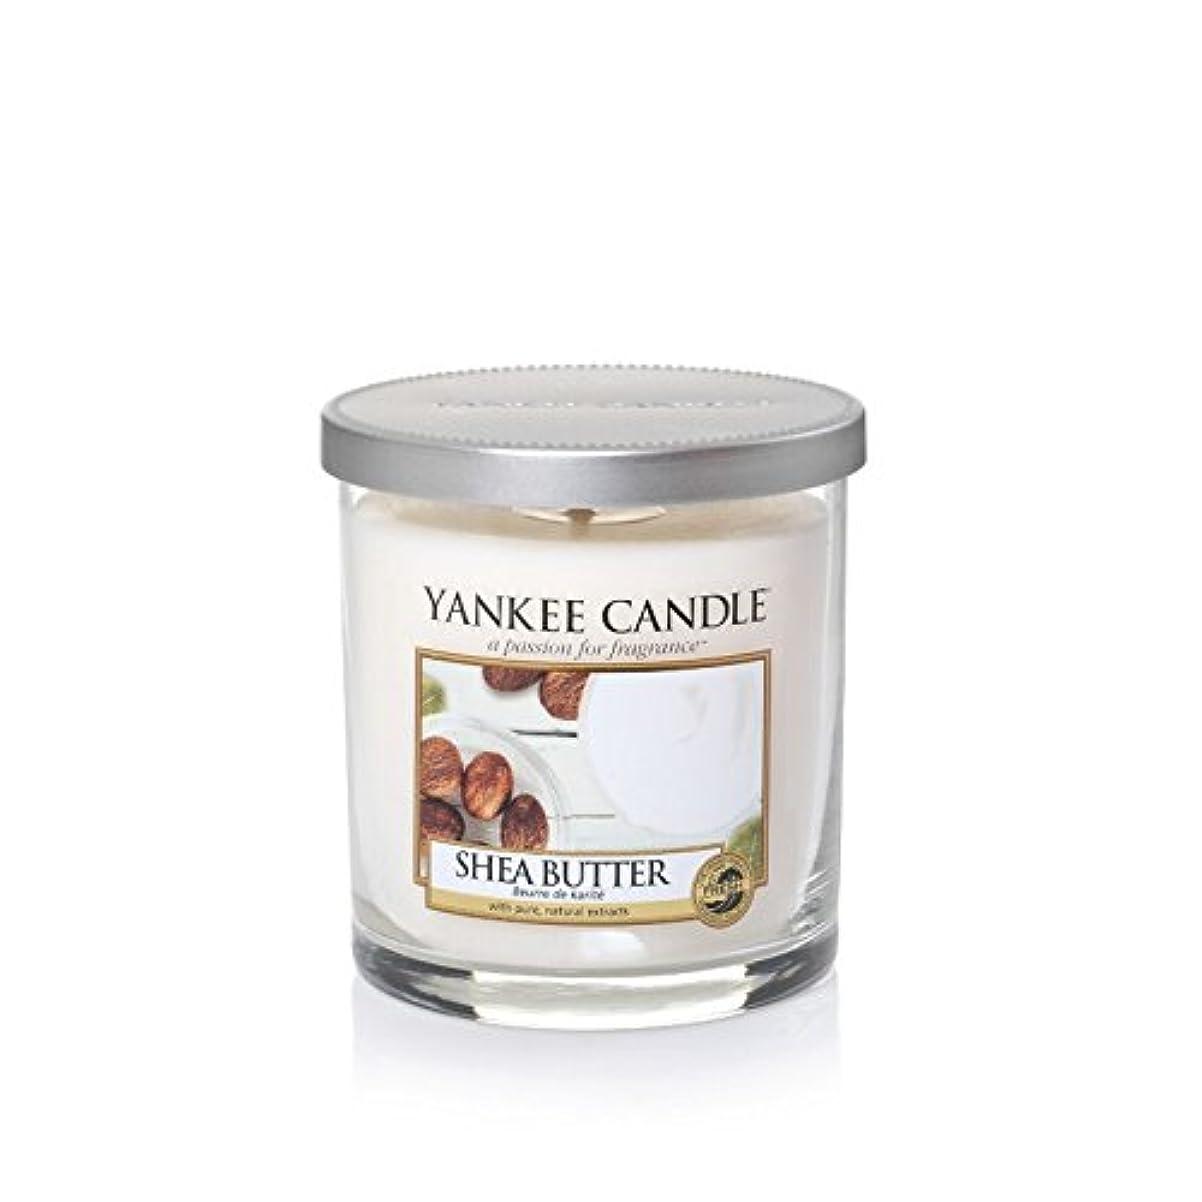 住居乳アジア人ヤンキーキャンドルの小さな柱キャンドル - シアバター - Yankee Candles Small Pillar Candle - Shea Butter (Yankee Candles) [並行輸入品]